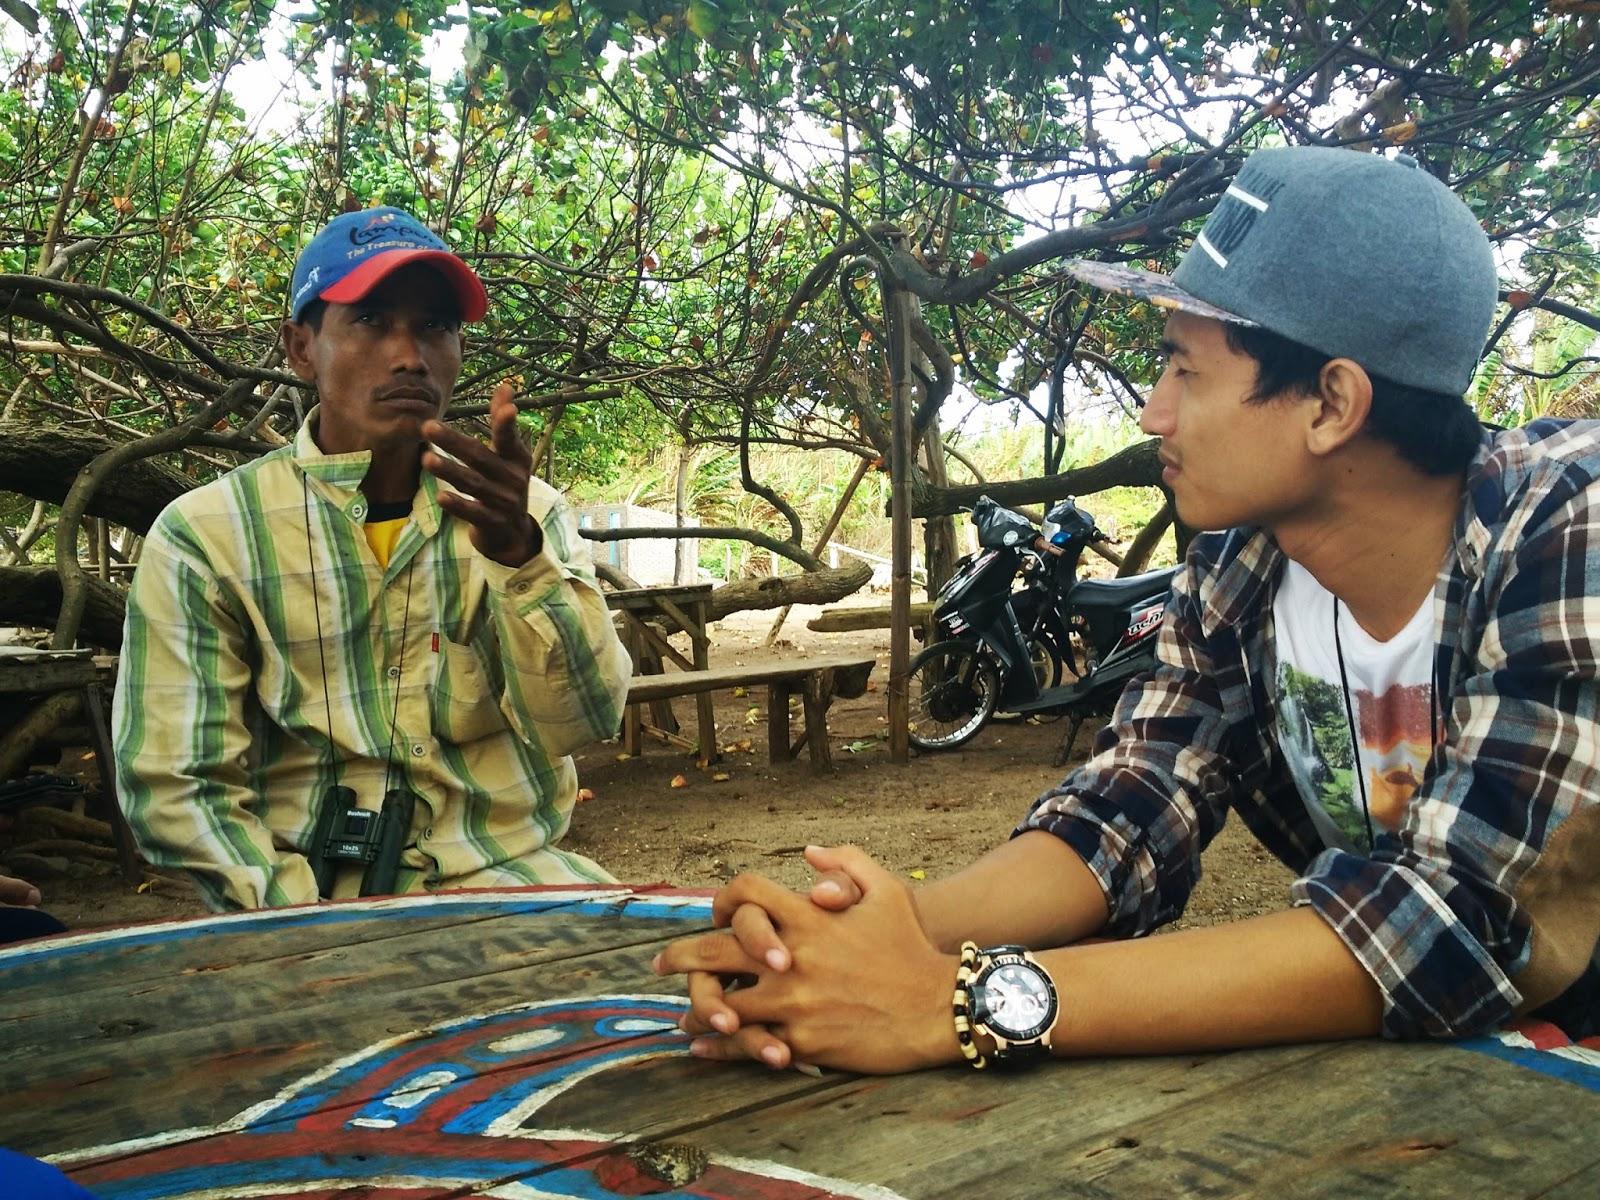 Kisah Sejarah Legenda Tanjung Tua Lampung Selatan Kaliandanews Com